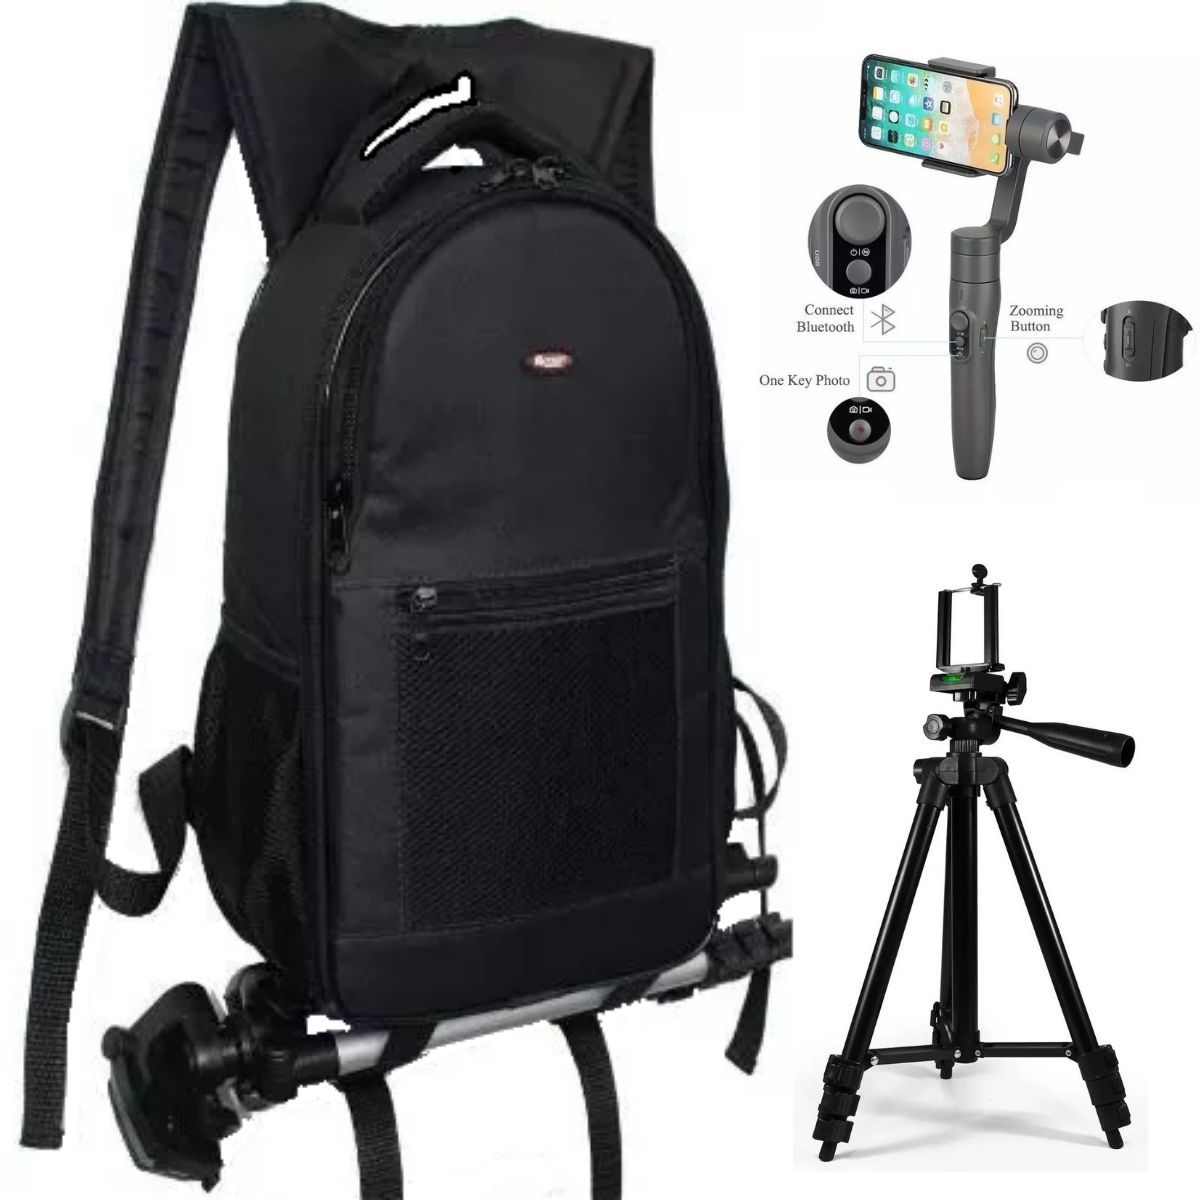 Kit Fotográfico Com Mochila + Tripé Profissional 1,2m + Gimbal Estabilizador Para Câmera E Celular Vimble 2